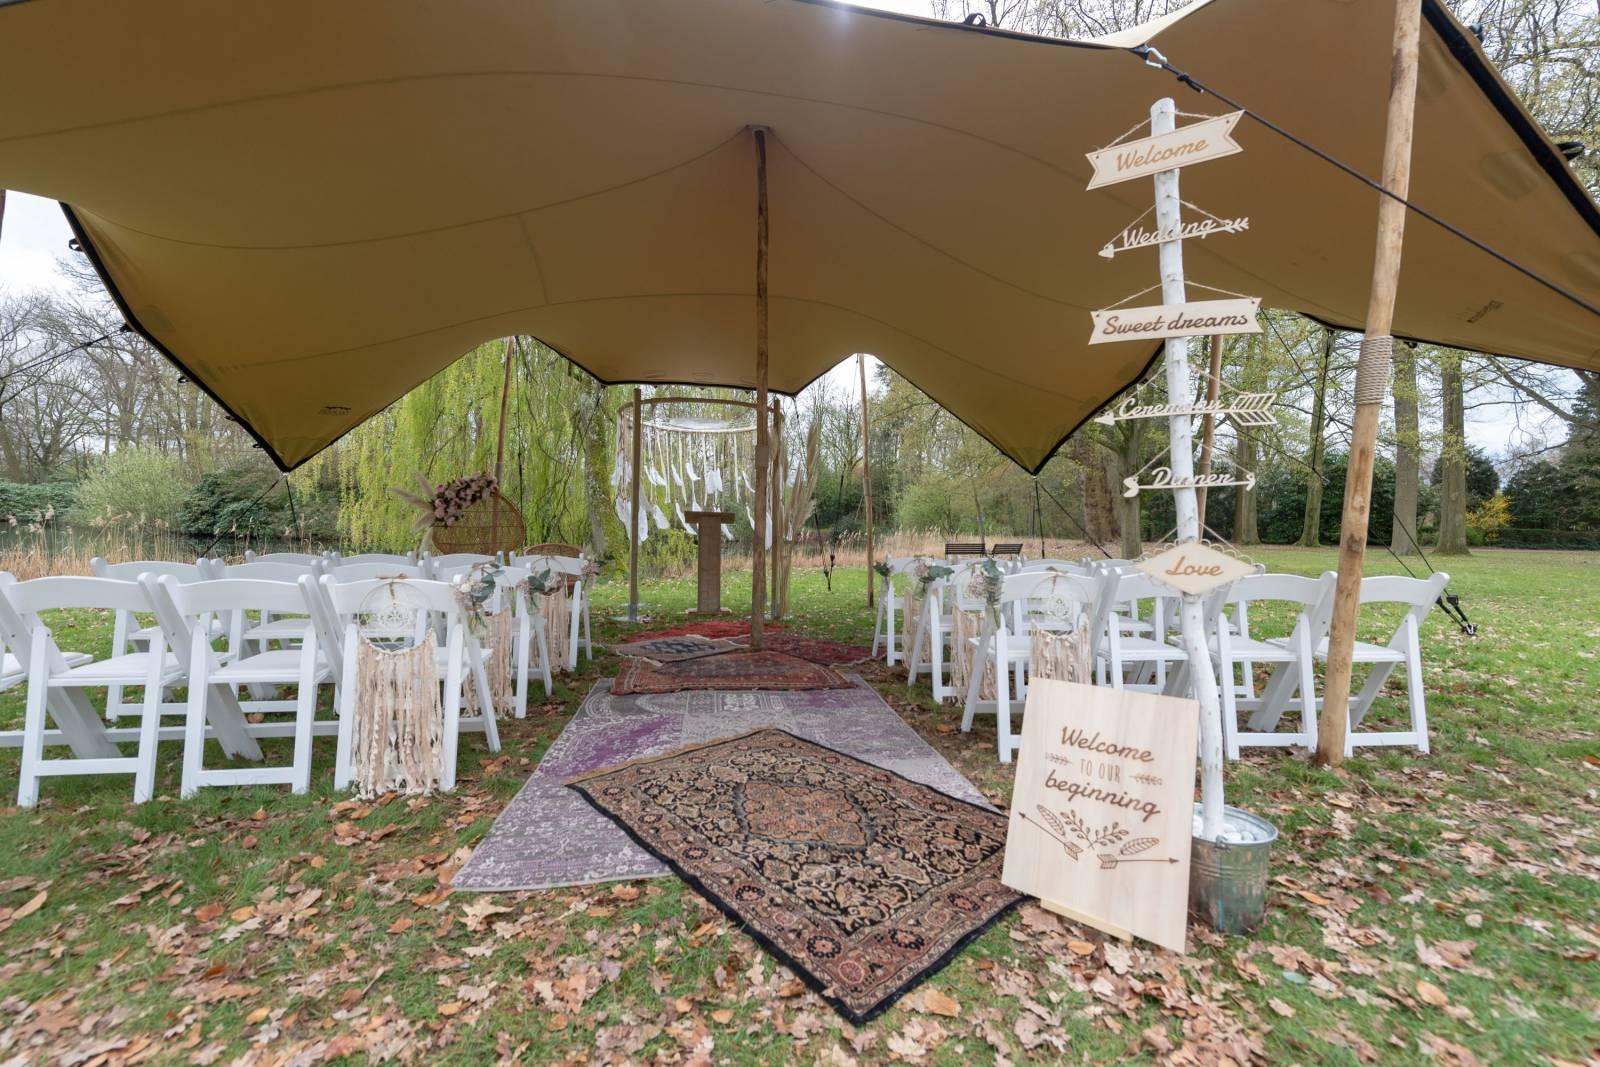 In Style Styling & Decoraties - Trouwdecoratie - Verhuurbedrijf - Wedding Design - House of Weddings - 21